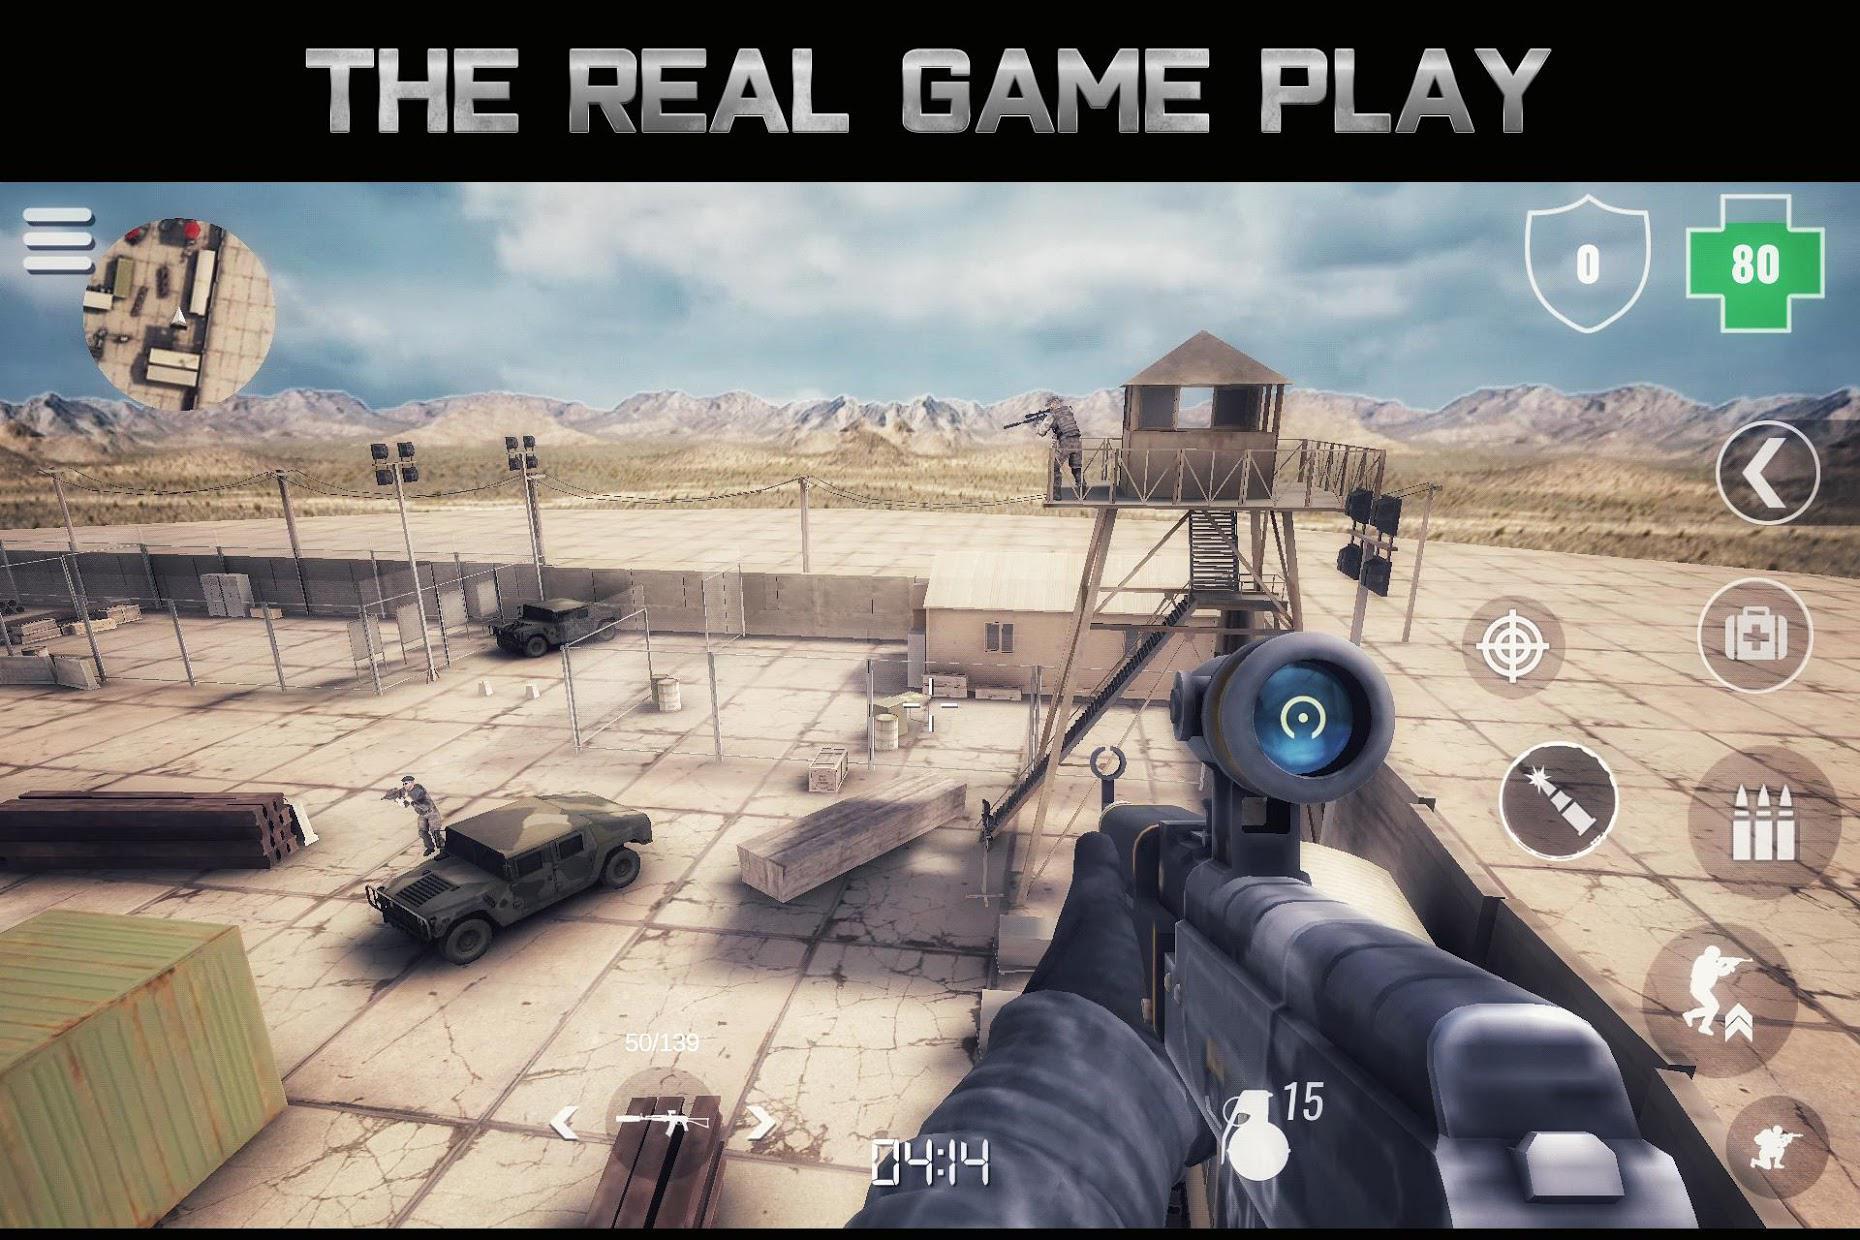 迷宫民兵:局域网,在线多人射击游戏掉帧